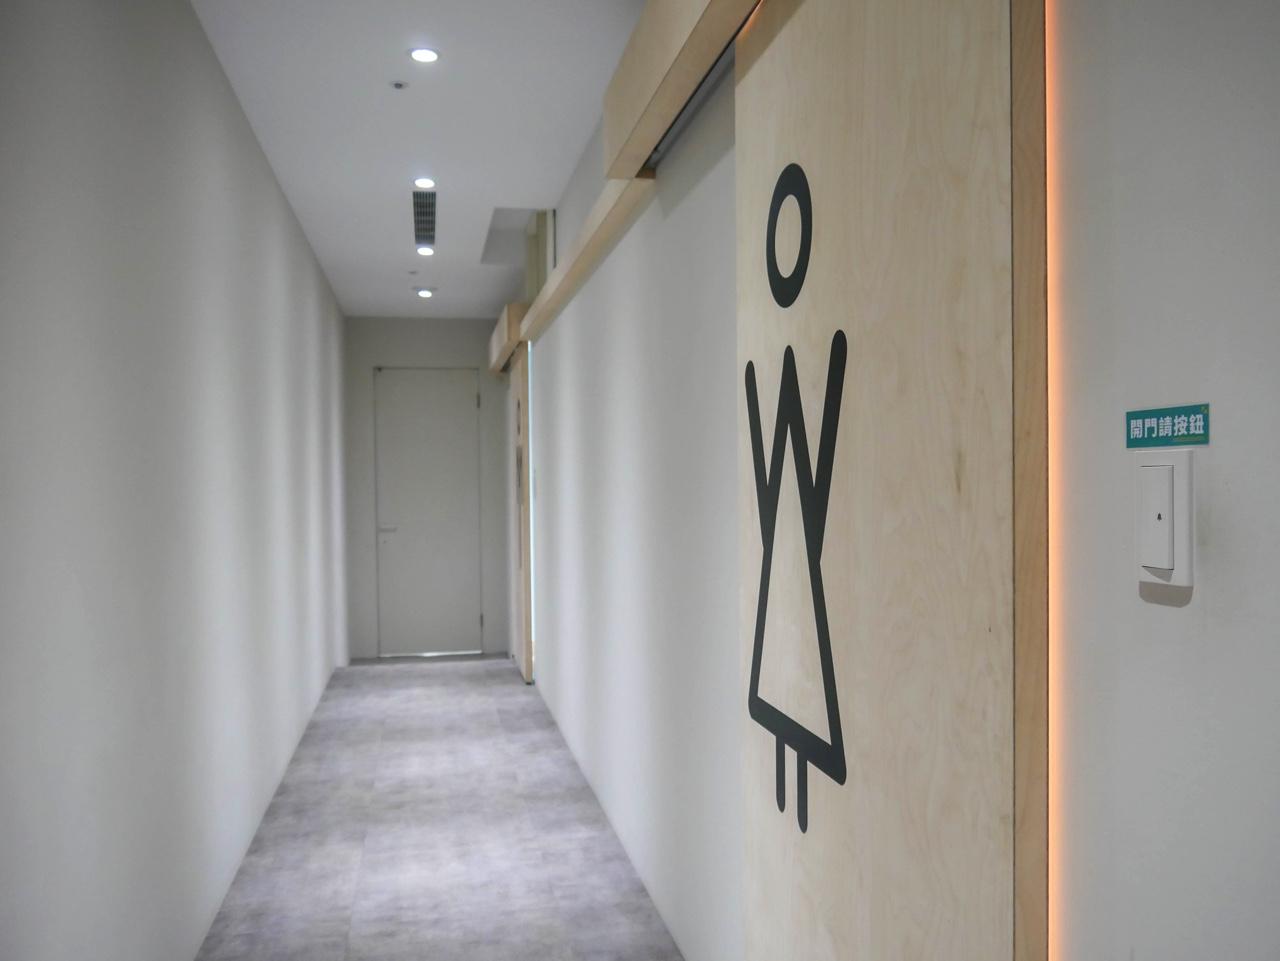 お手洗い前の廊下